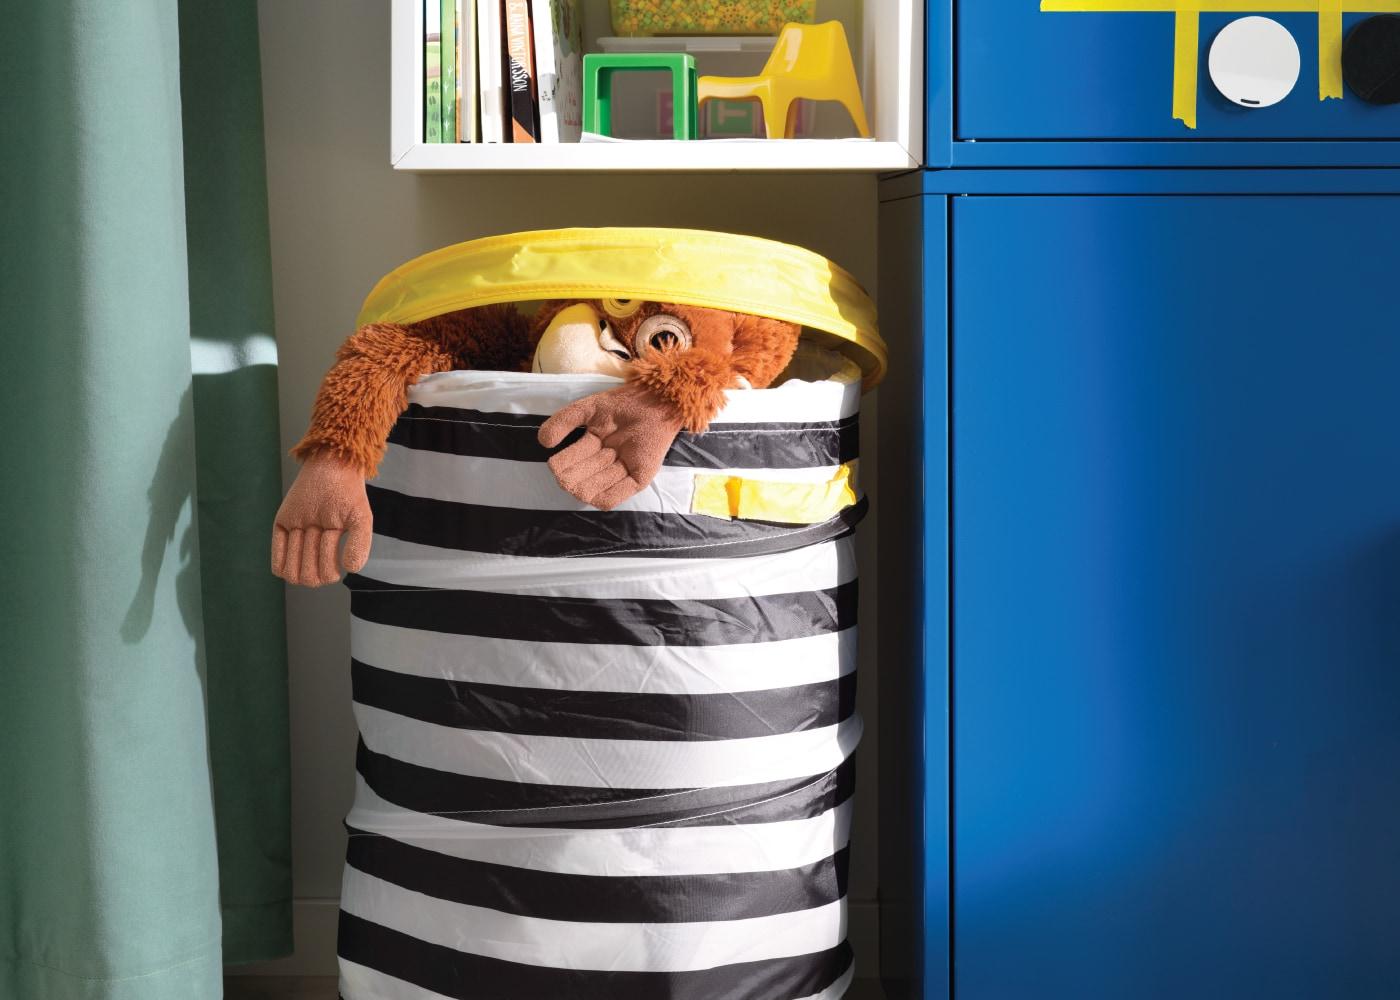 Imagem de um cesto com tampa com um peluche orangotango dentro.